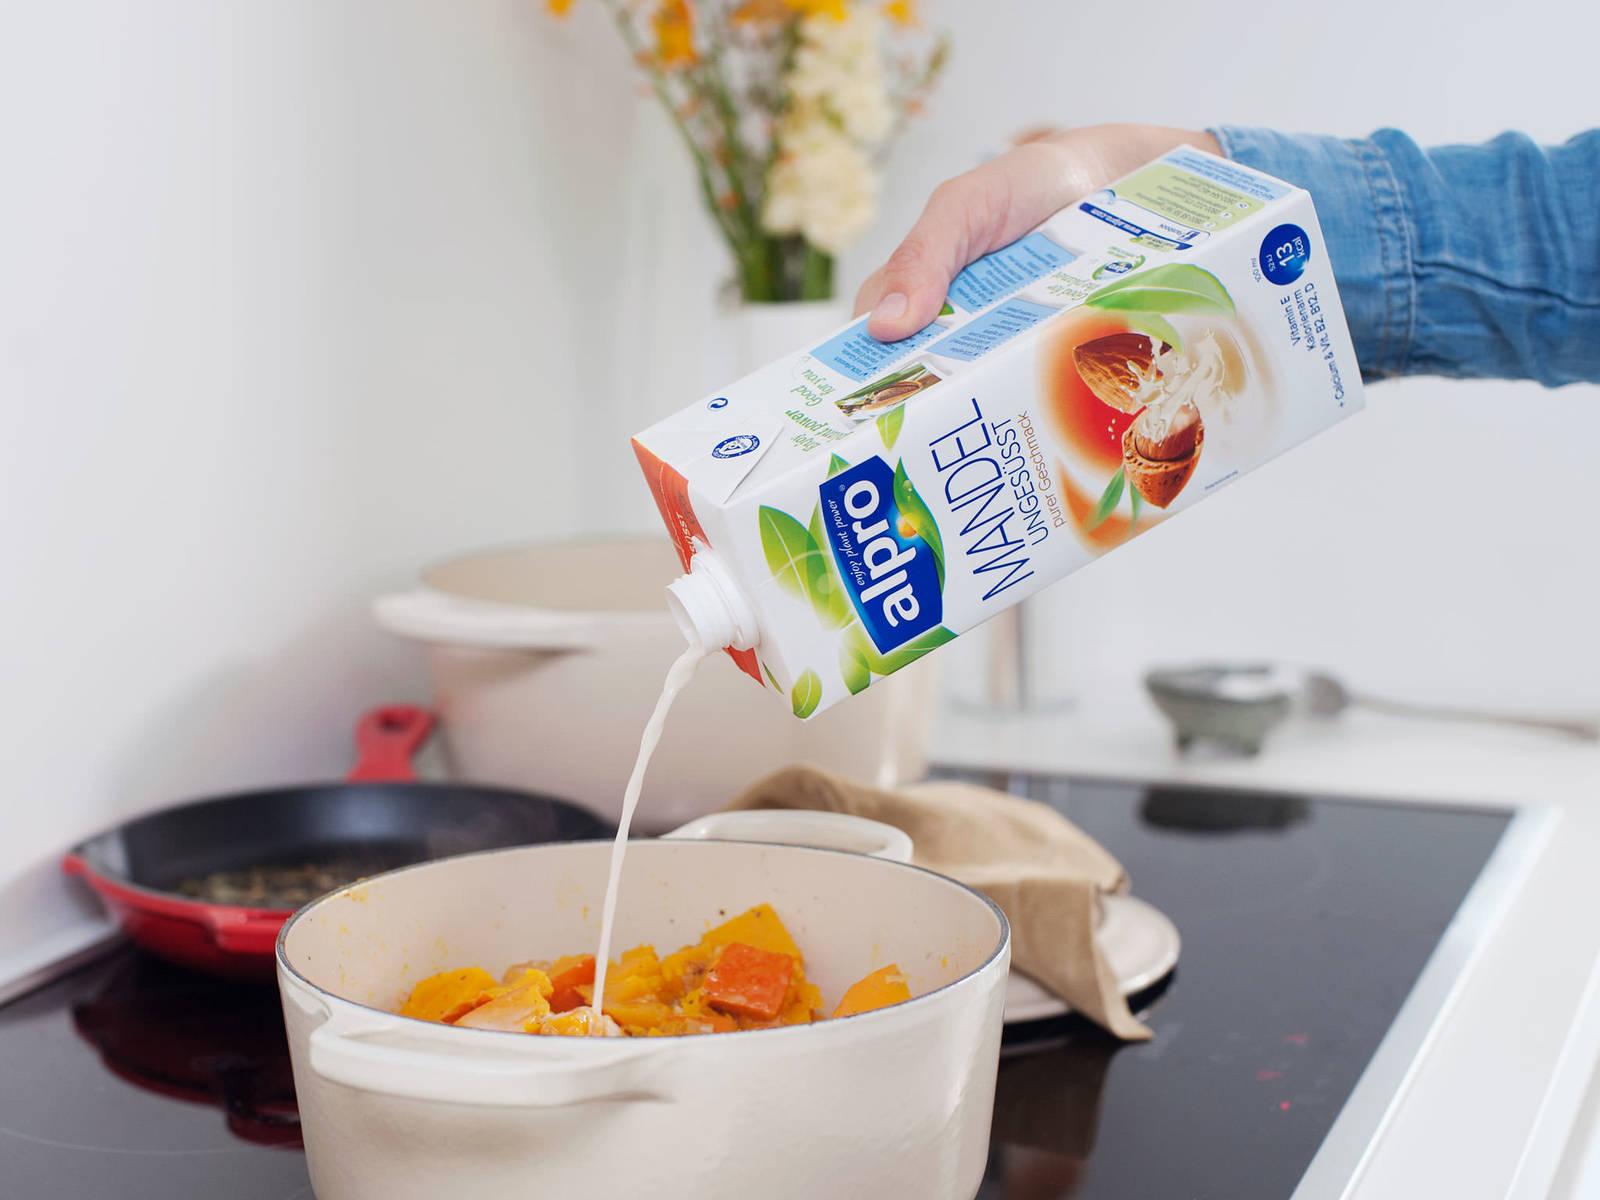 调至中火,放入蒜末和干香料,翻炒1-2分钟。倒水,盖上盖子,煮上5-7分钟,直至南瓜变软。与此同时,煮沸一大锅水;加盐。放入意面,根据包装说明煮至有弹牙嚼劲。南瓜煮好后,倒入杏仁茶和腰果泥。彻底翻动,再煮1-2分钟。